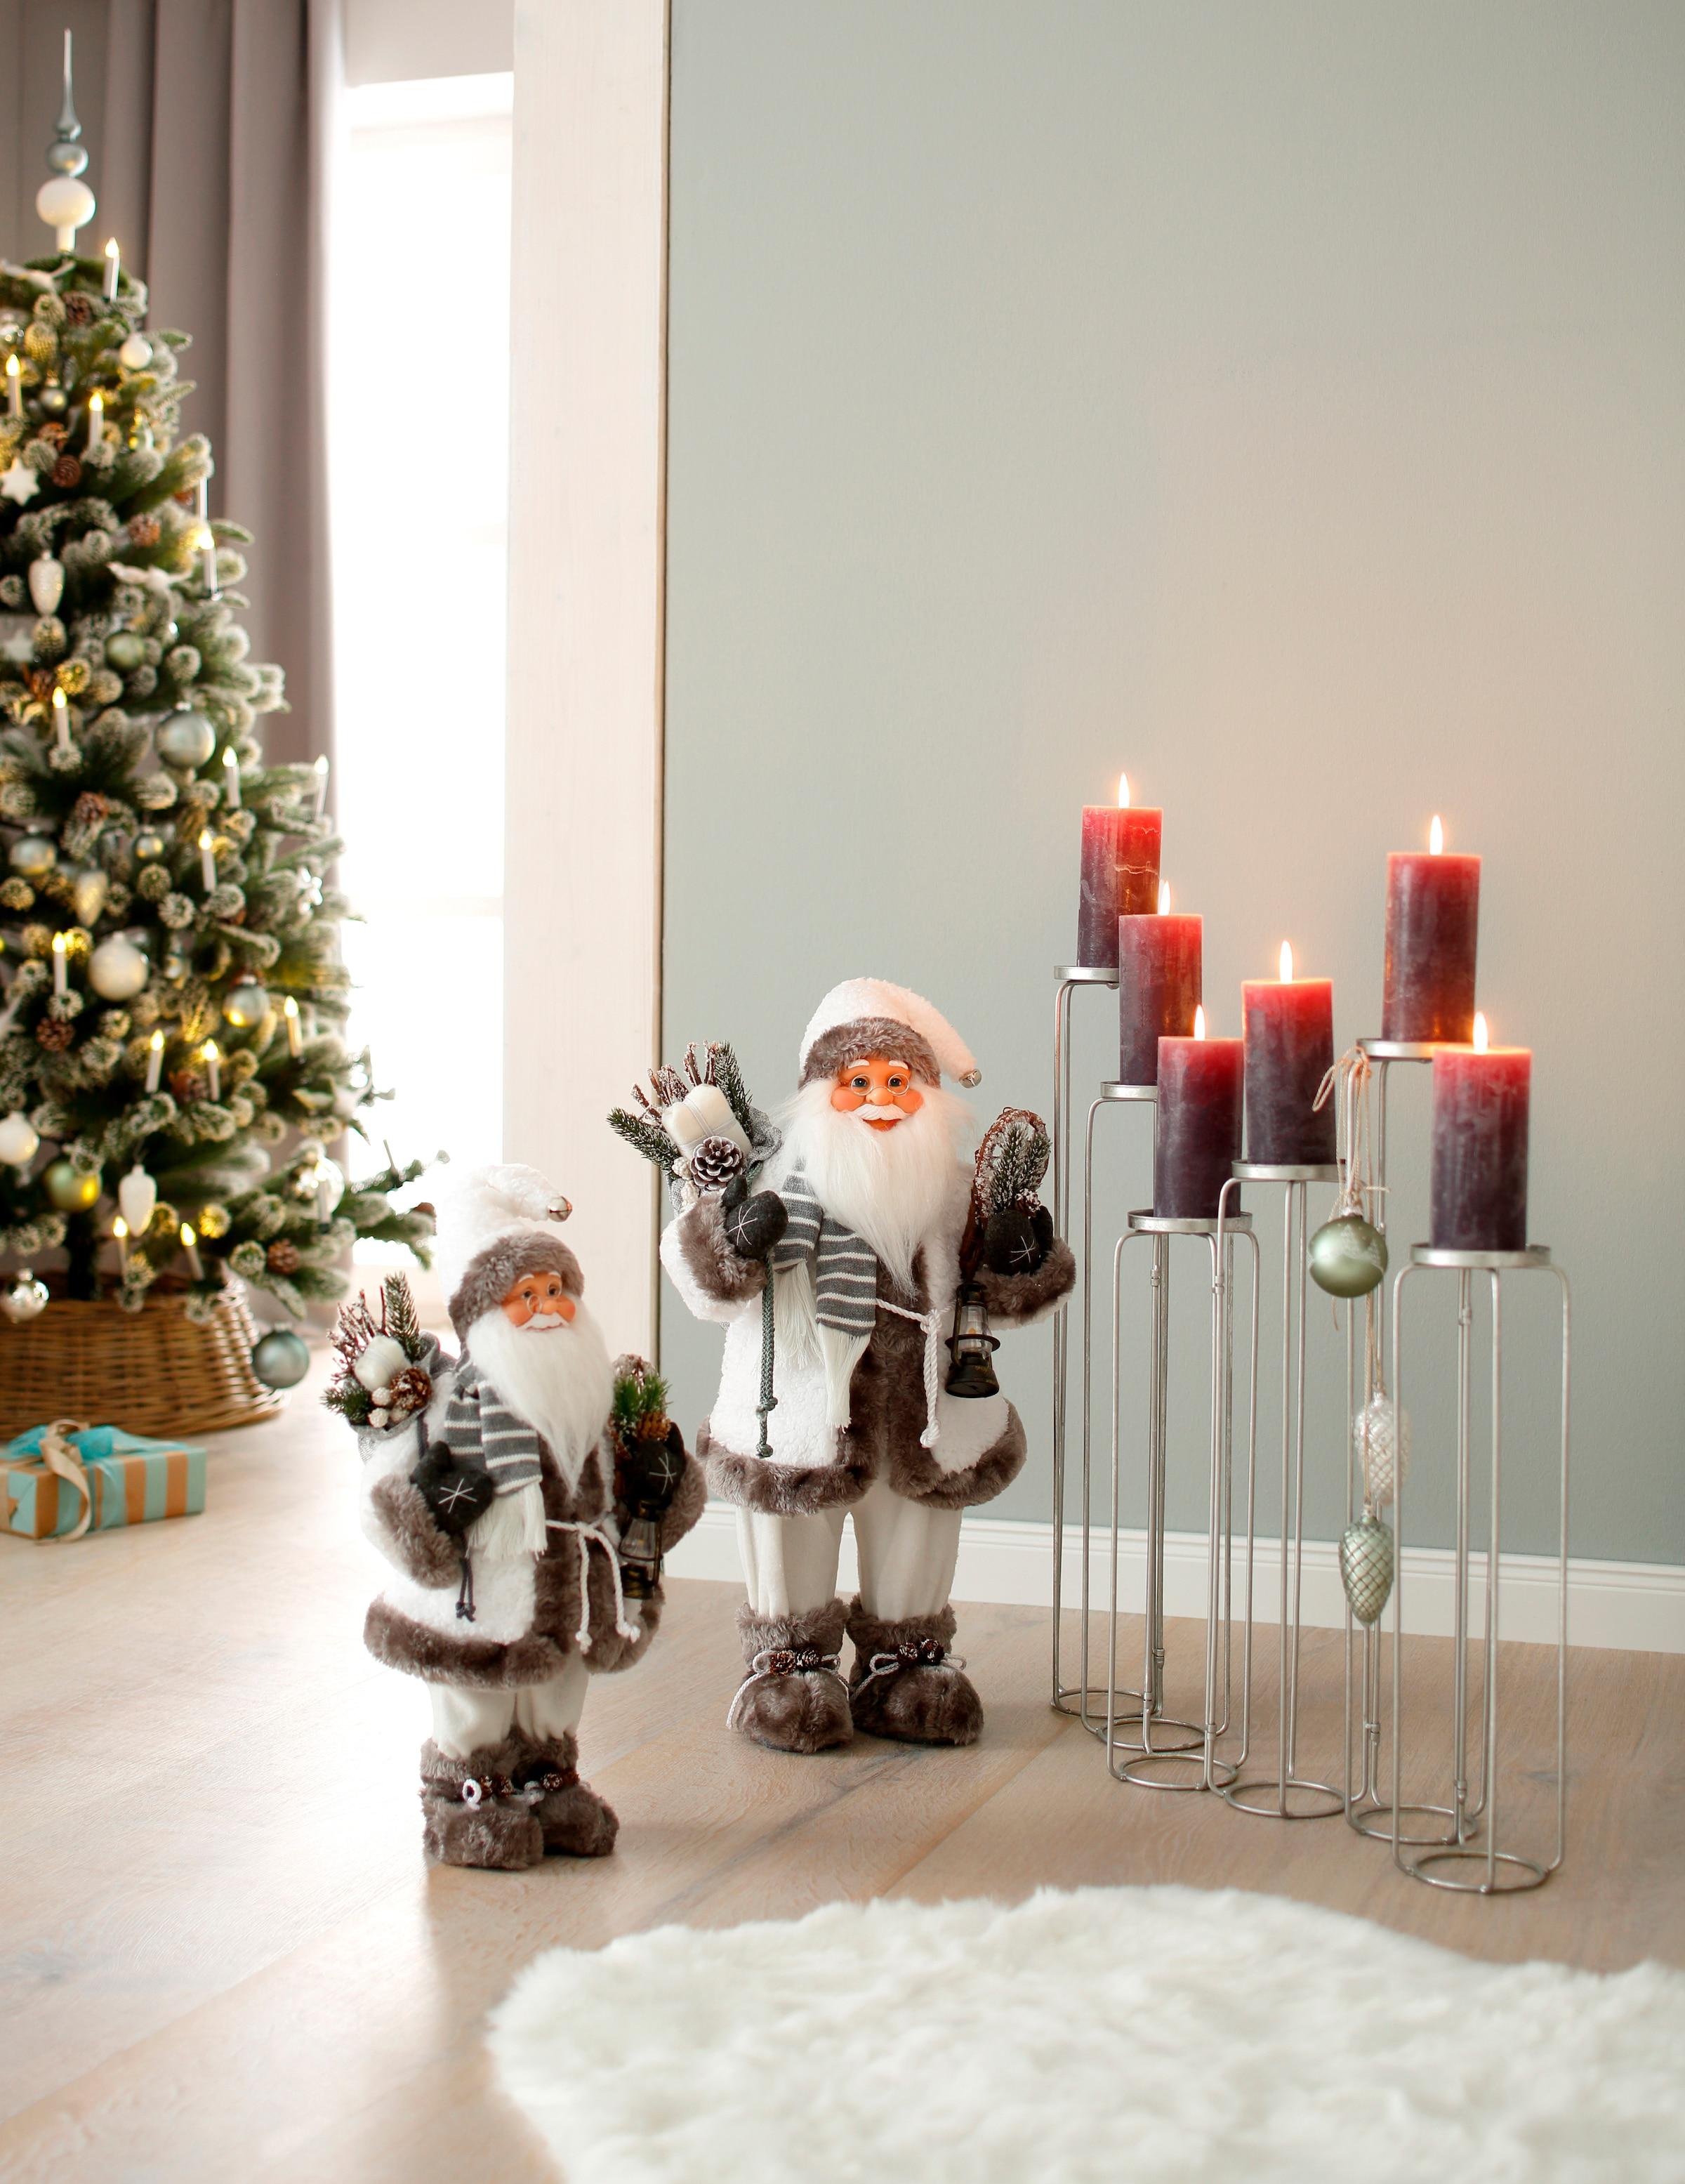 Weihnatchtsmänner Dekoration